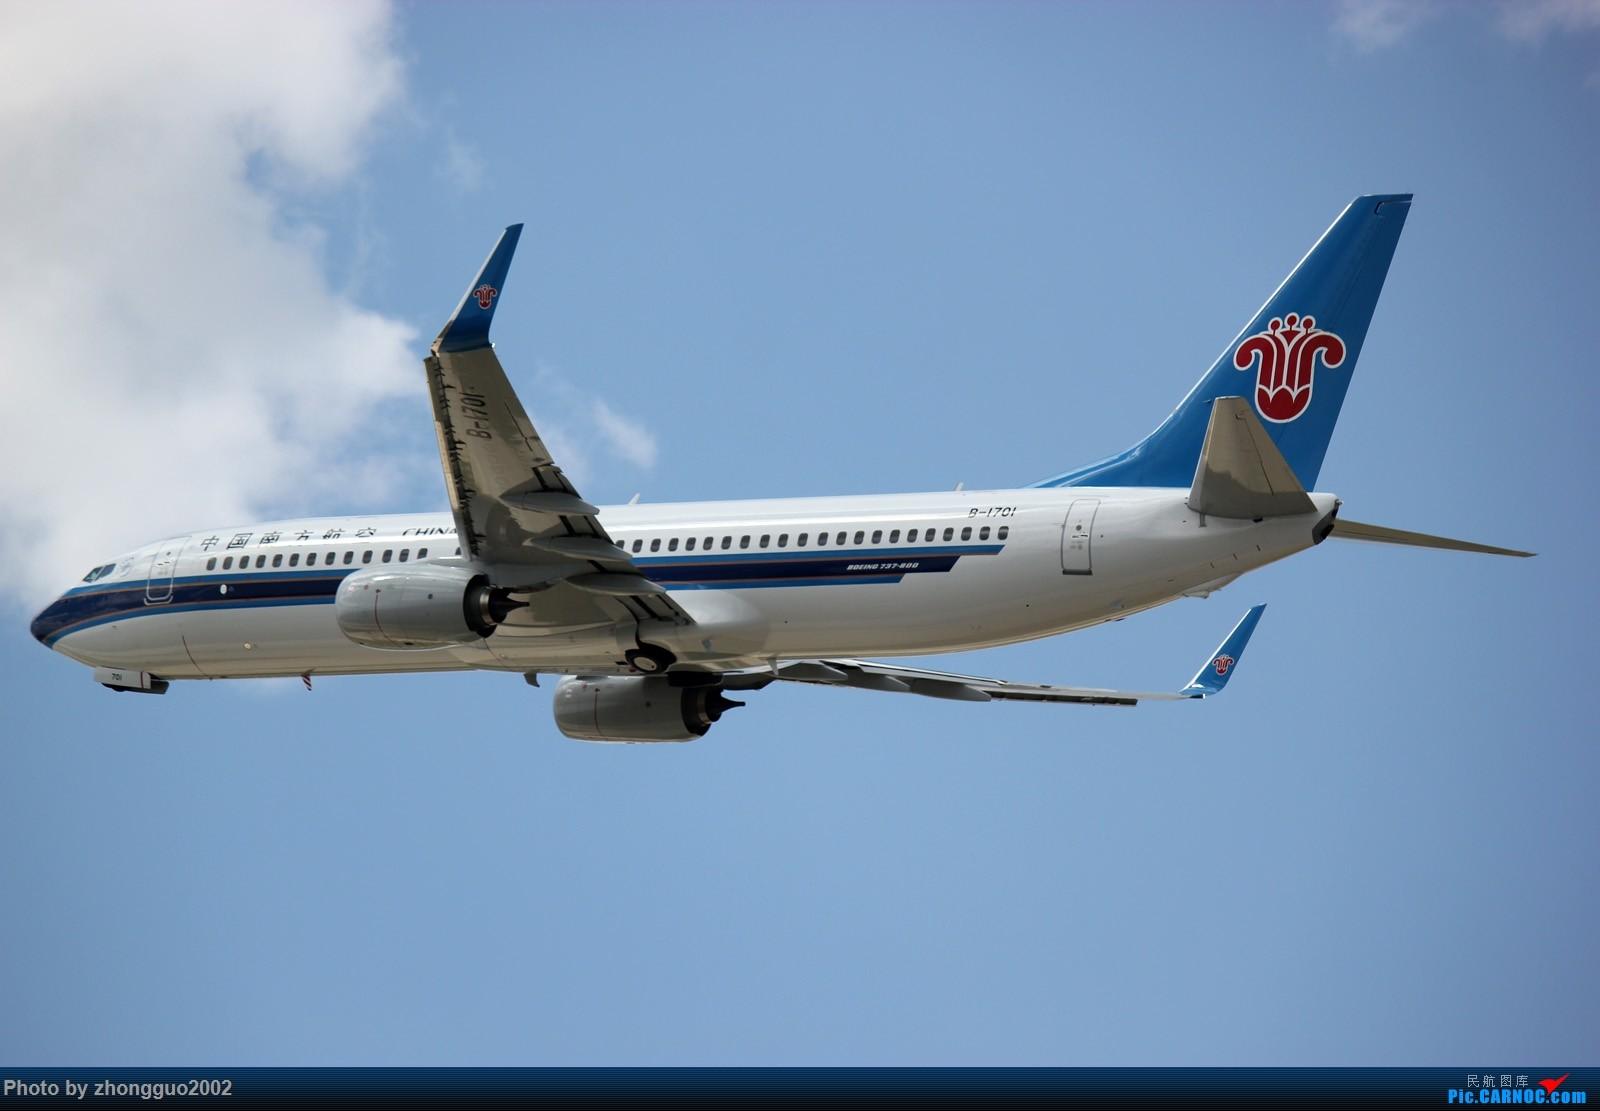 Re:[原创]【BLDDQ--深圳打机队】发小飞机盖楼贴,凡跟帖1字开头大陆民航飞机图的,每图五架小飞机不重复 BOEING 737-800 B-1701 中国呼和浩特白塔国际机场